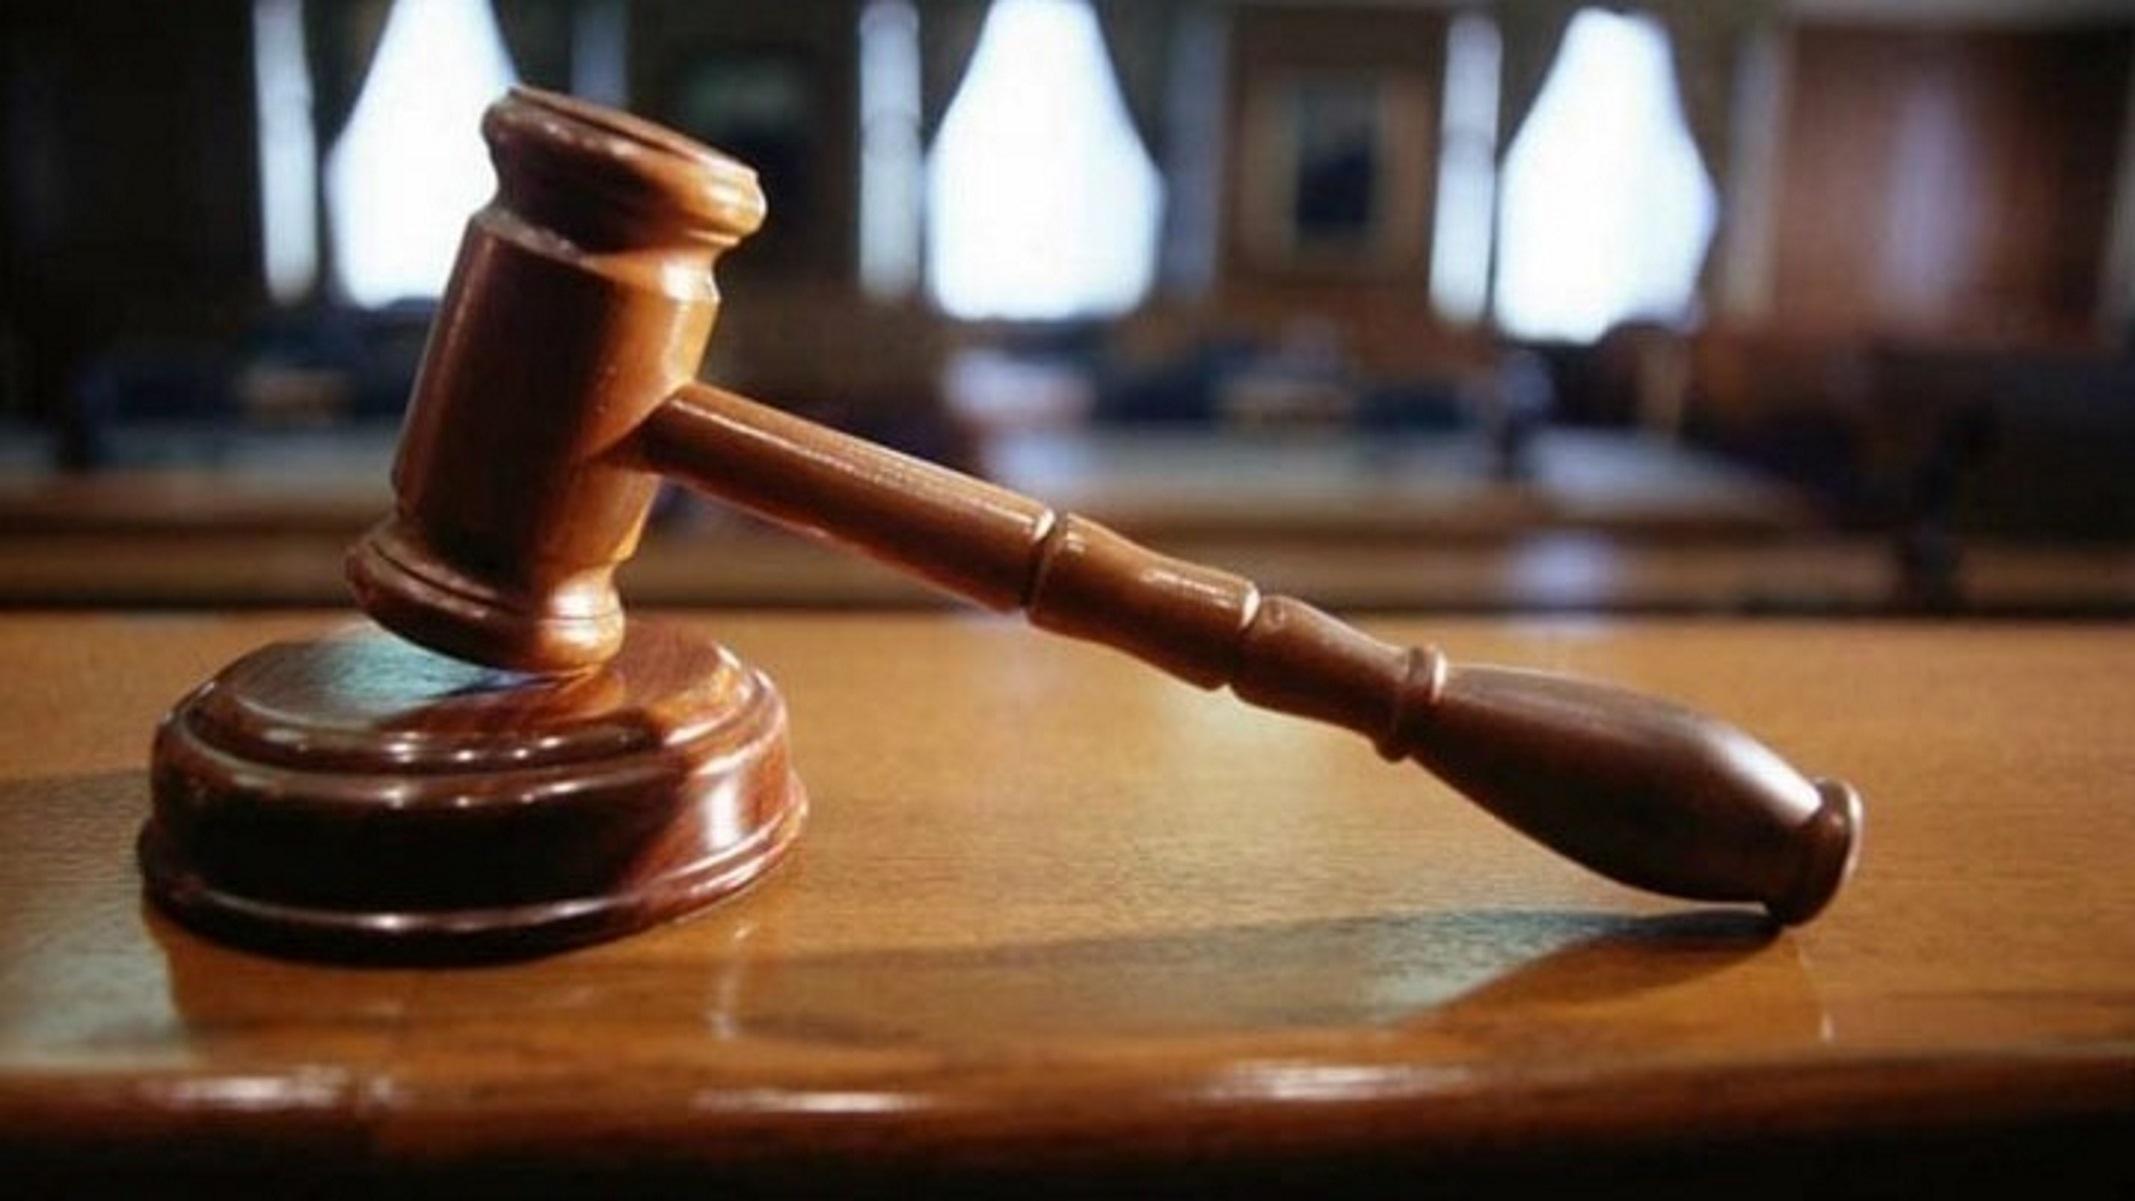 Ρόδος: Ελεύθερος με όρους ο 65χρονος γιατρός που καταγγέλθηκε για κακοποίηση από 21 γυναίκες